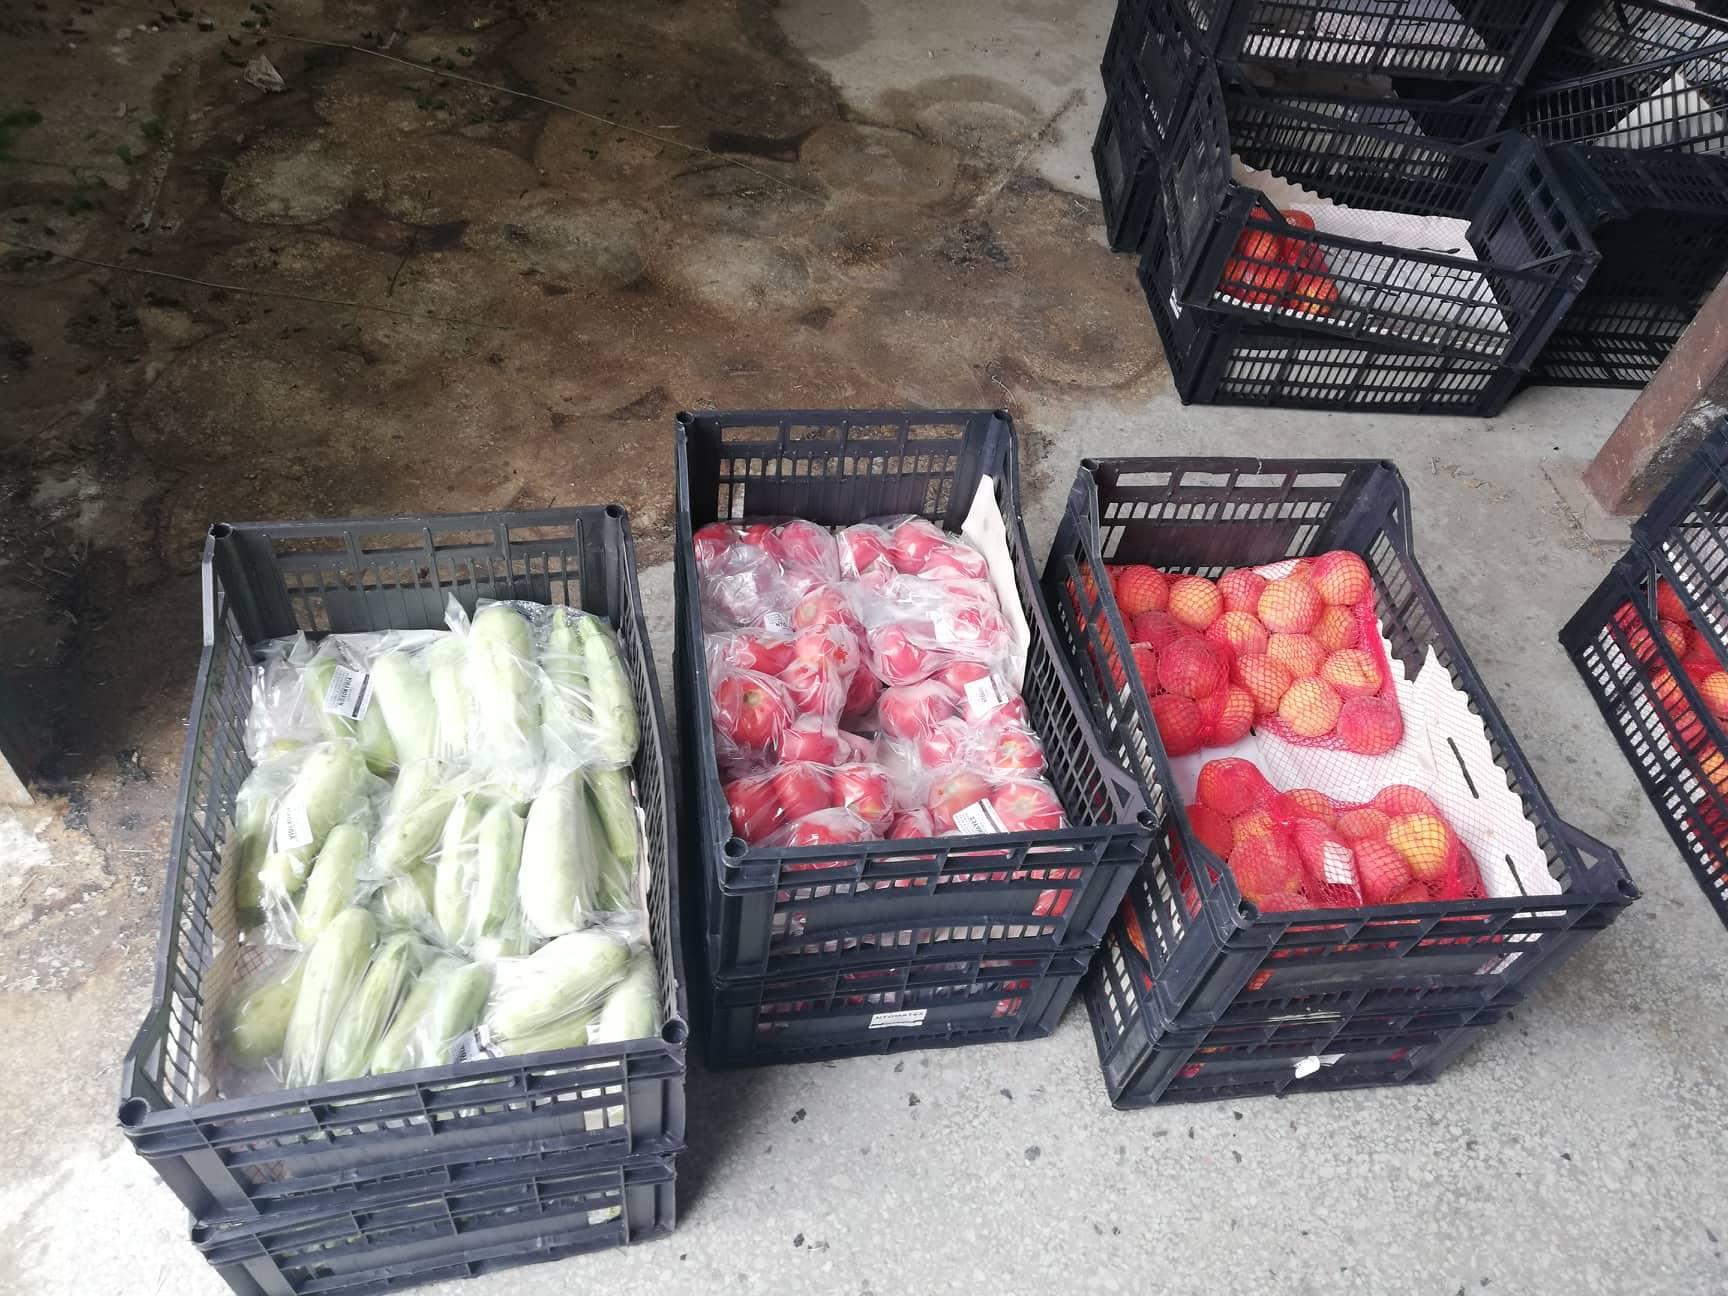 Δωρεάν διανομή τροφίμων στο Δήμο Δεσκάτης στα πλαίσια του προγράμματος ΤΕΒΑ